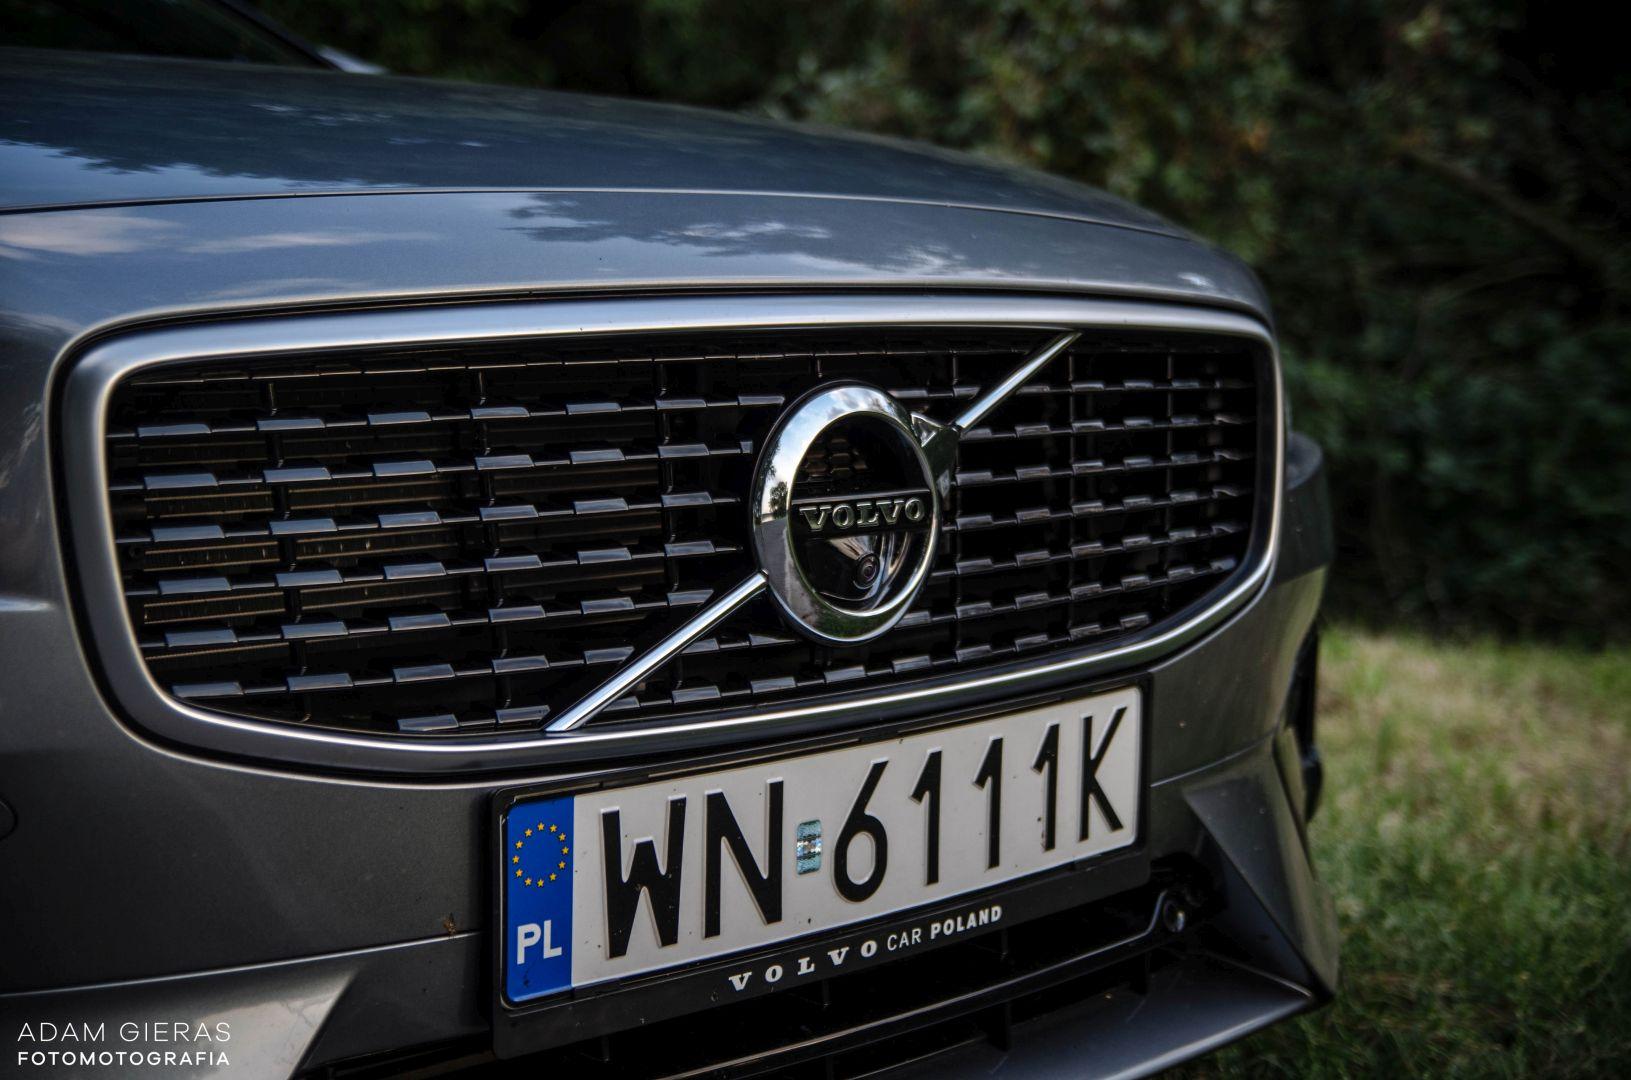 volvo s90 rdesign 19 Test: Volvo S90 T5 R Design Polestar   spokój i harmonia z zadziorem